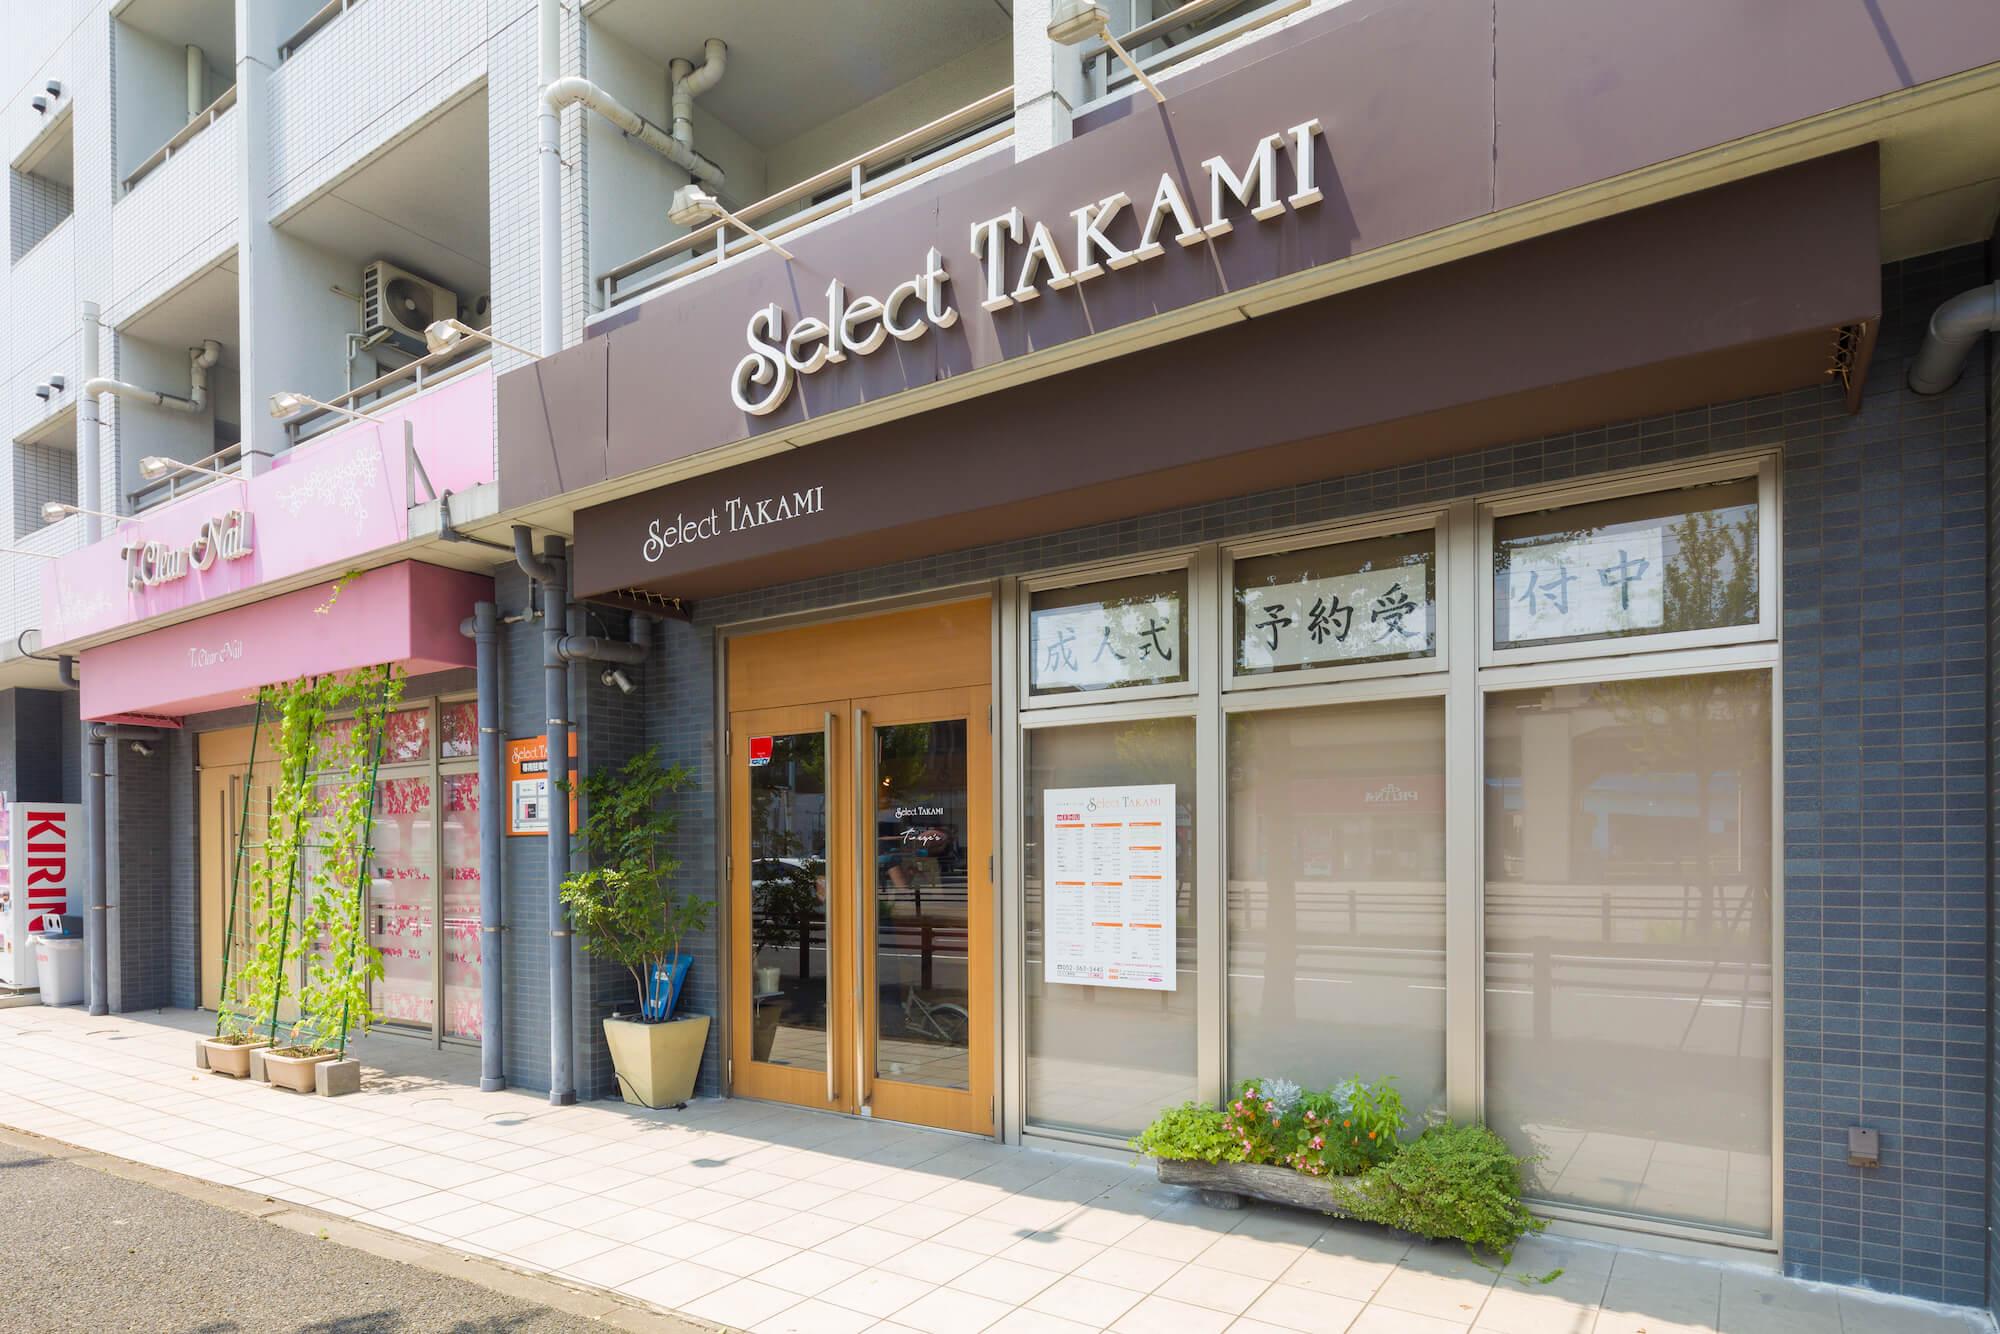 Select TAKAMI ギャラリー画像1